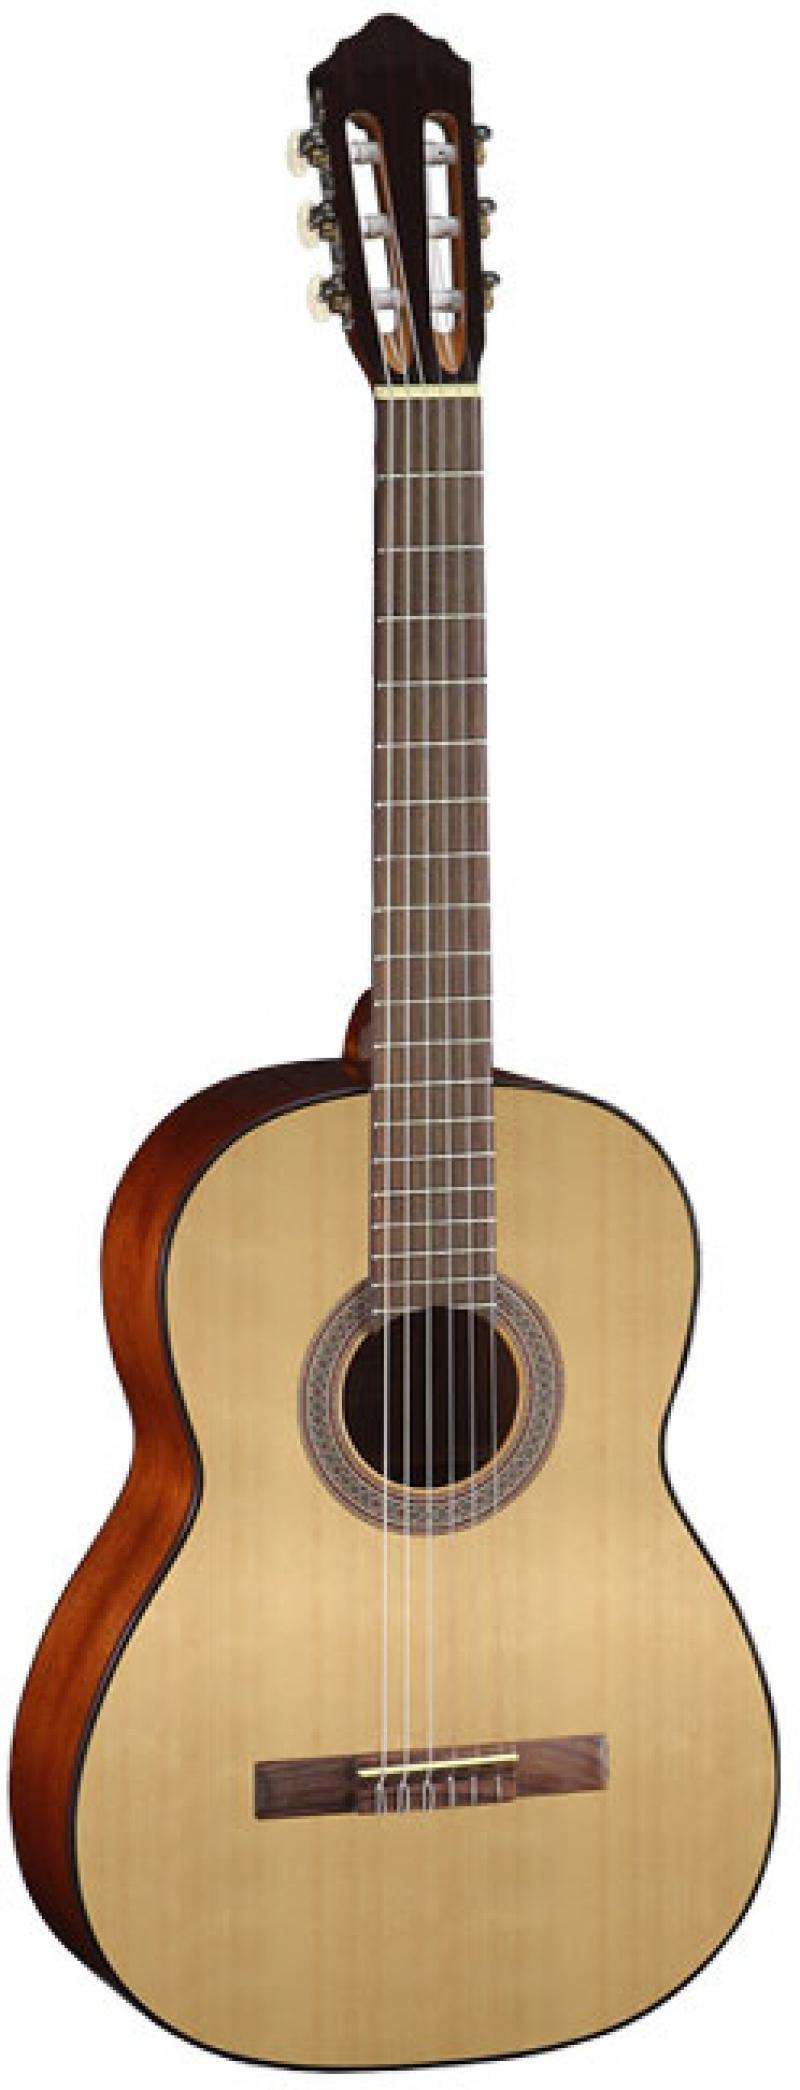 Cort AC70 OP 3/4 klasiskā ģitāra